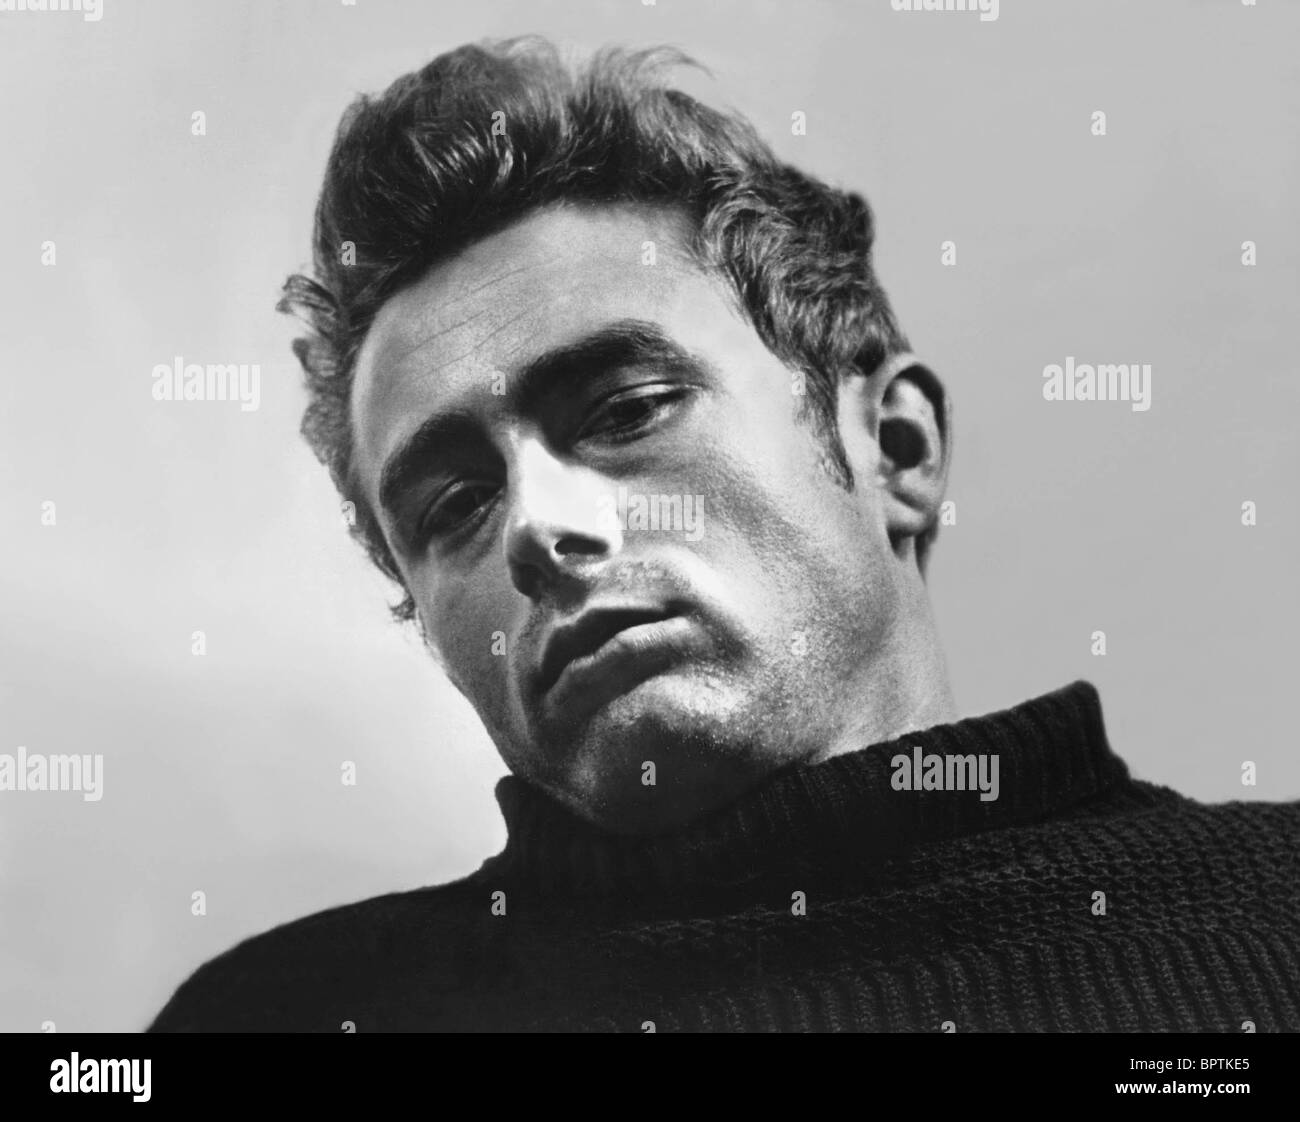 SCHAUSPIELER JAMES DEAN (1955) Stockbild